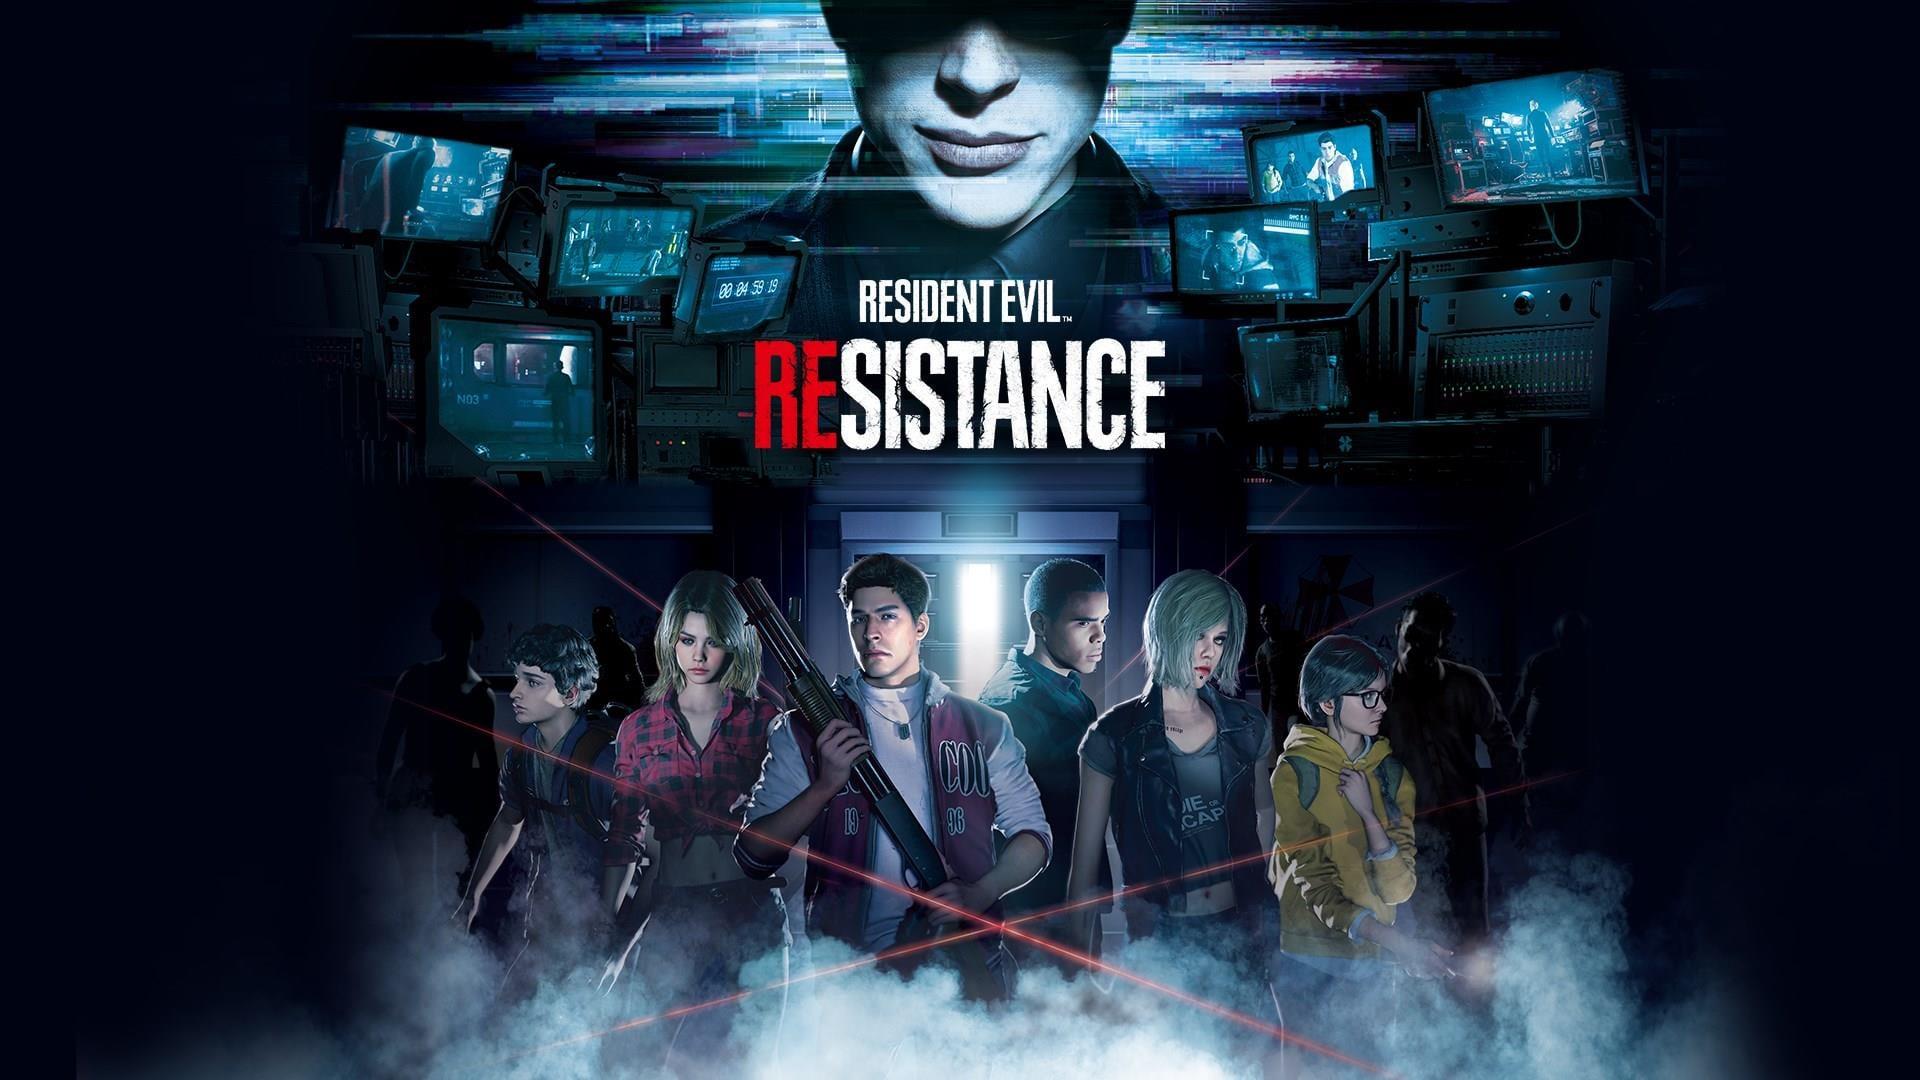 RESIDENT EVIL RESISTANCE ~ TitledHeroArt